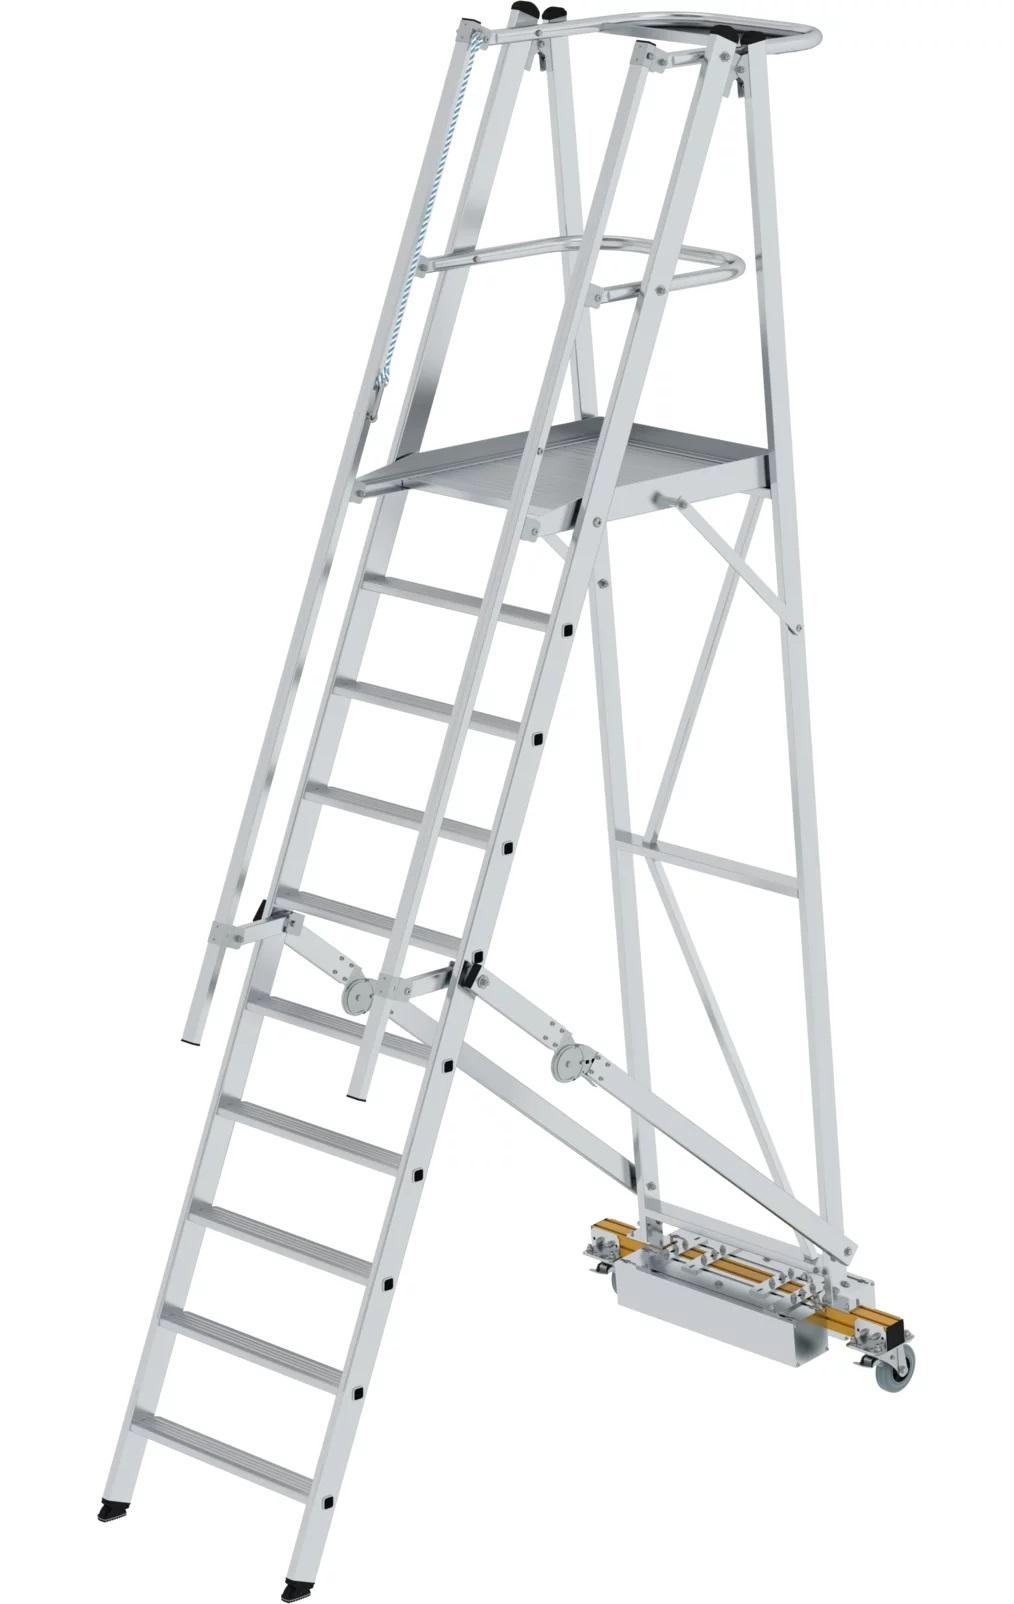 Aluminium platformtrap, klapbaar met smalle stabilisatiebalk